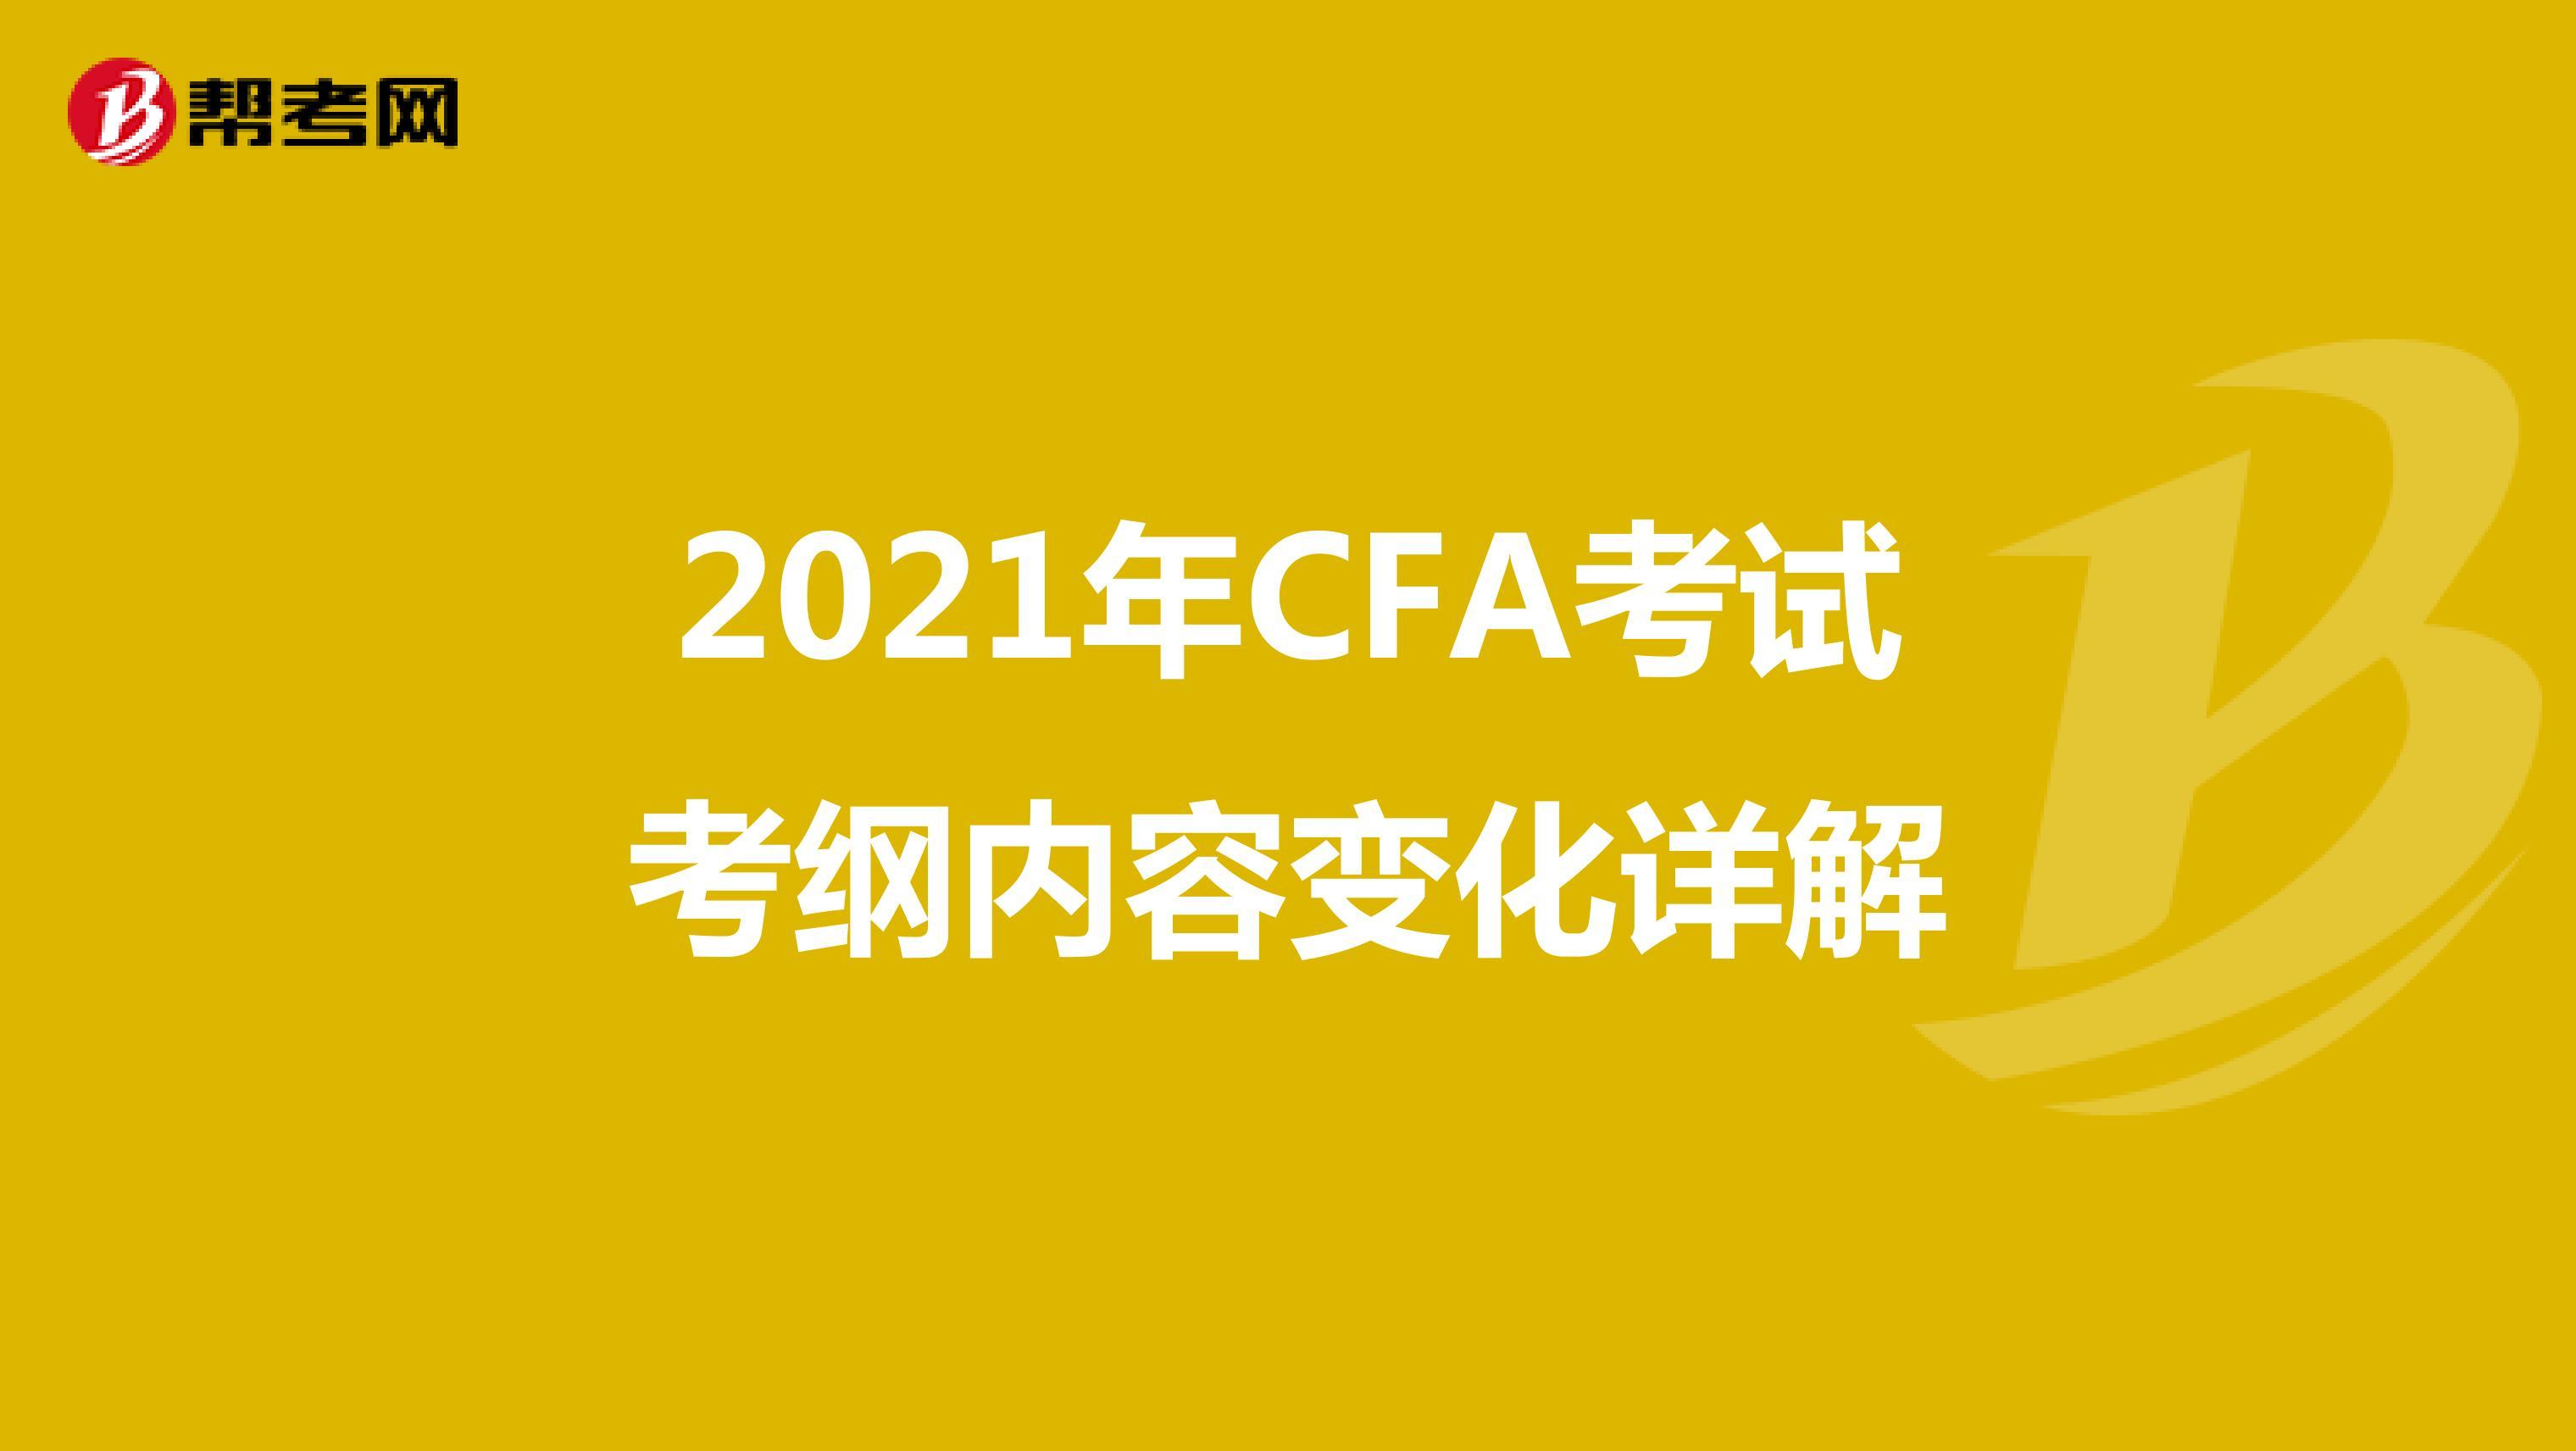 2021年CFA考试考纲内容变化详解